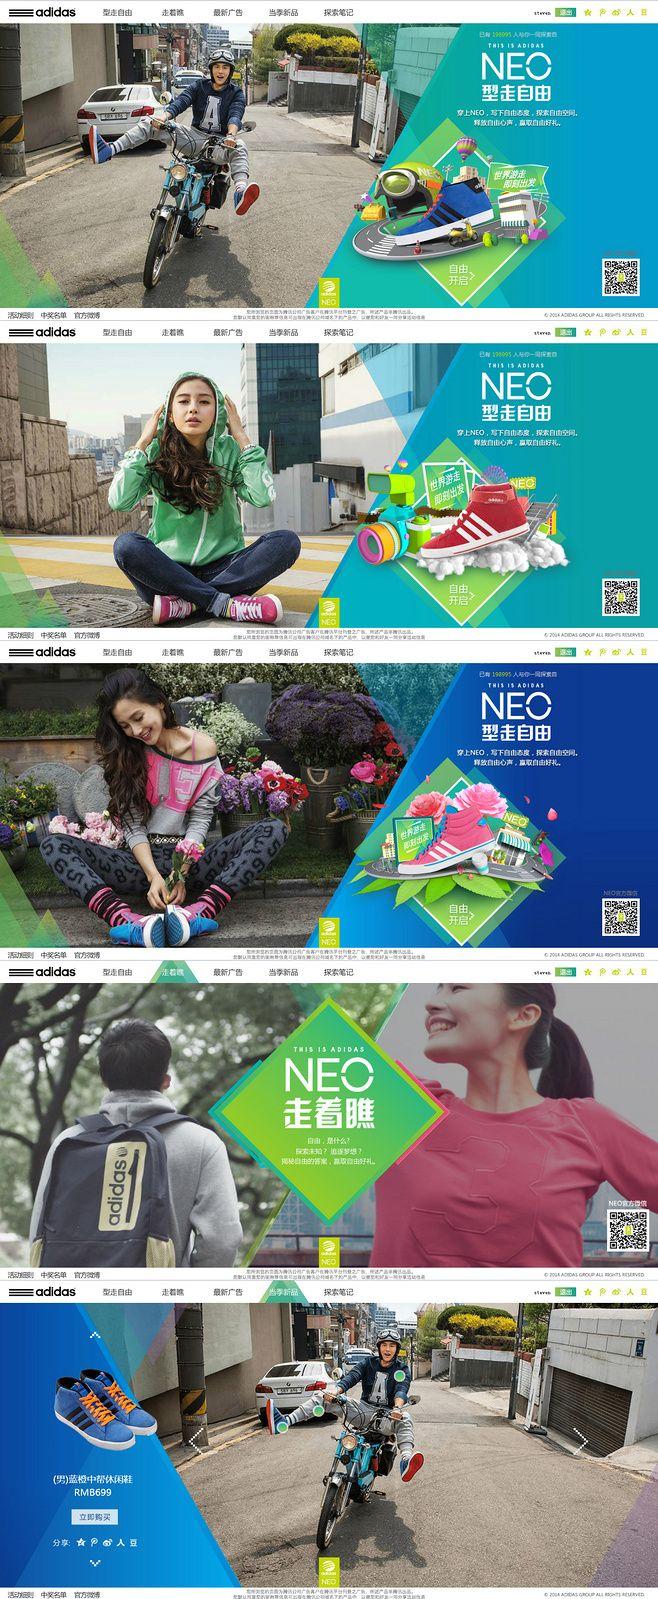 NEO型走自由活动专题FLASH酷站--...